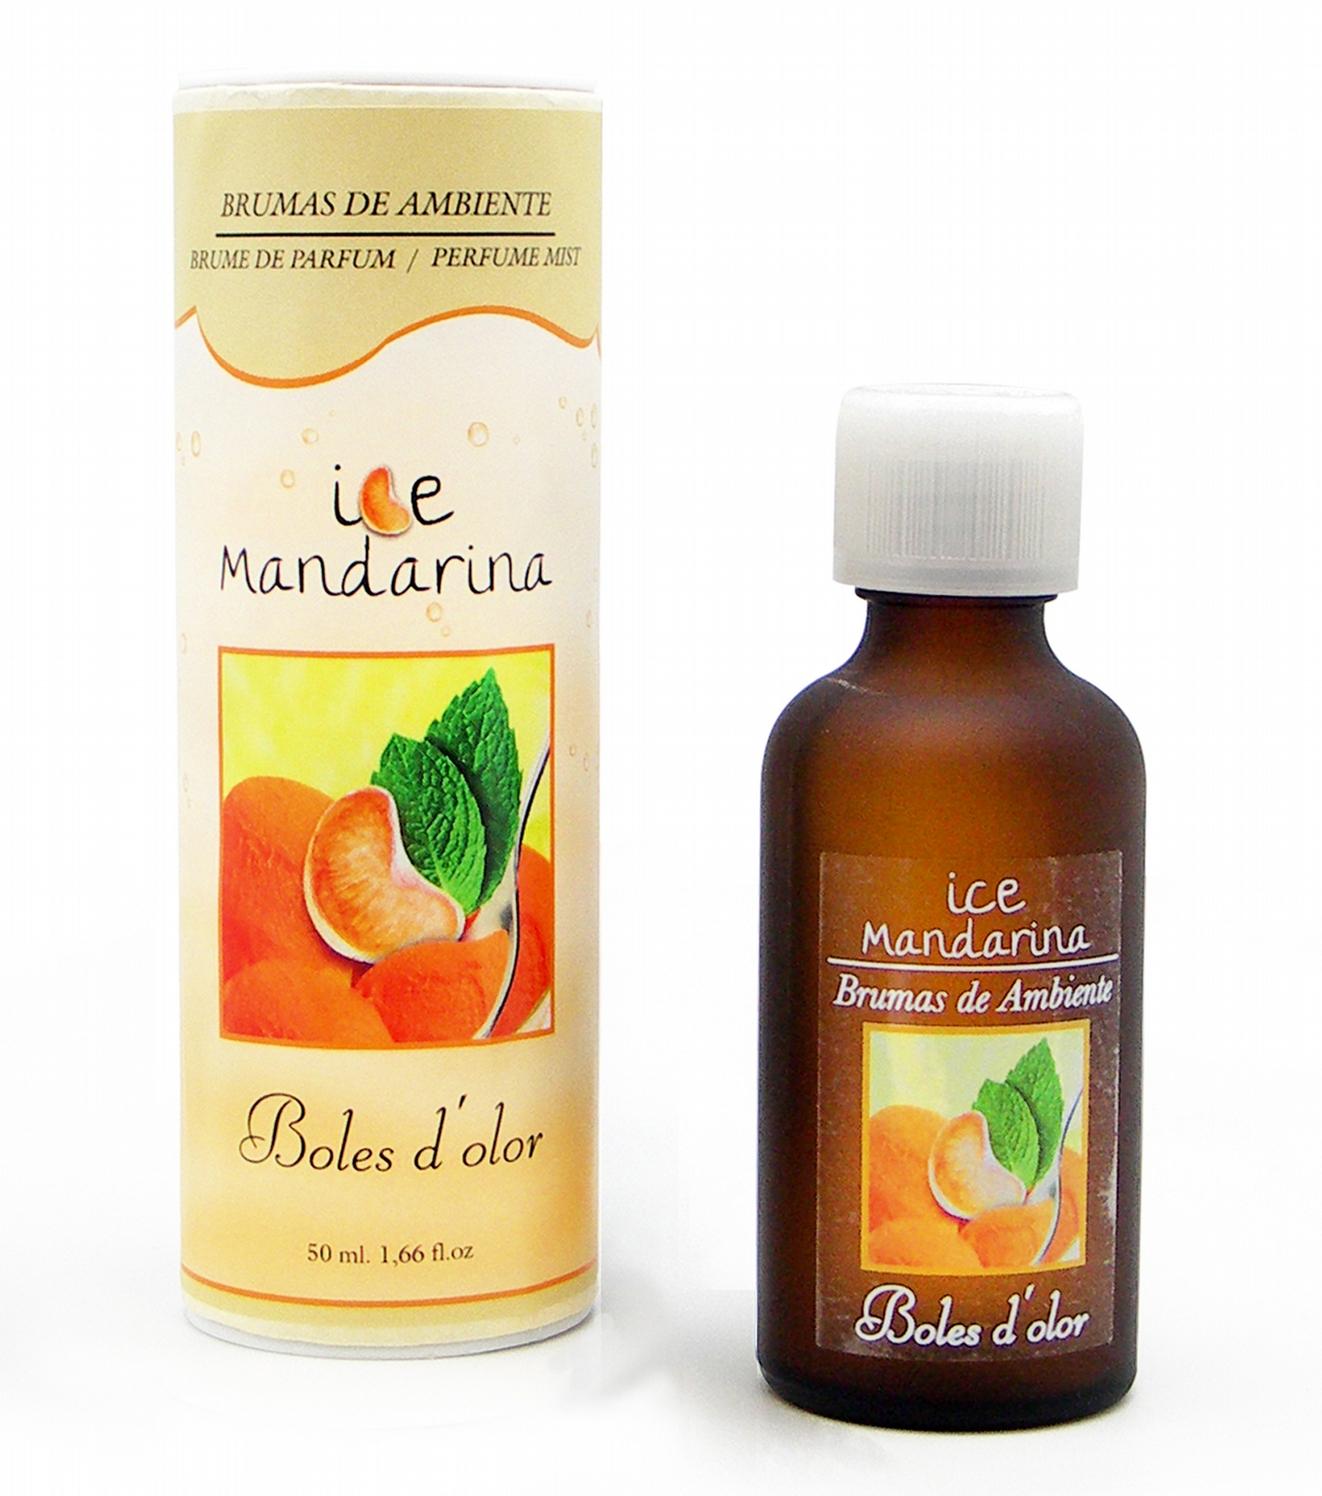 Geurolie Brumas de Ambiente - Ice Mandarina - Mandarijn